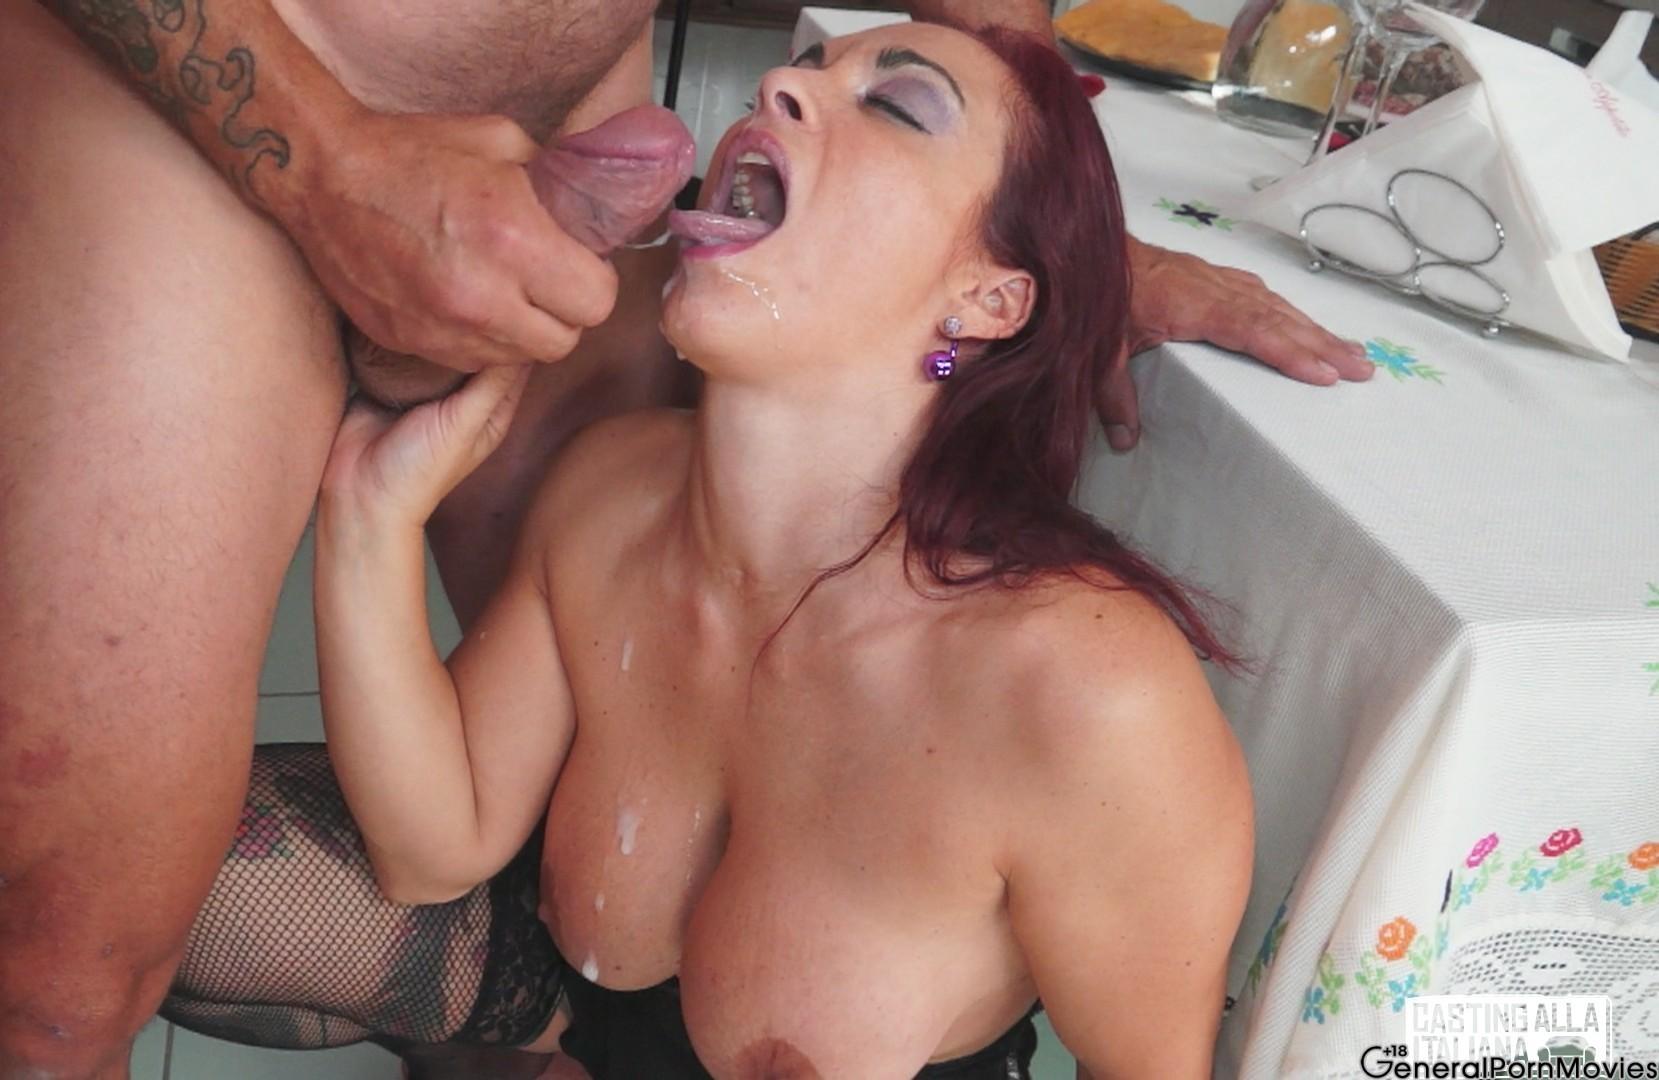 Sex movie in tumblr